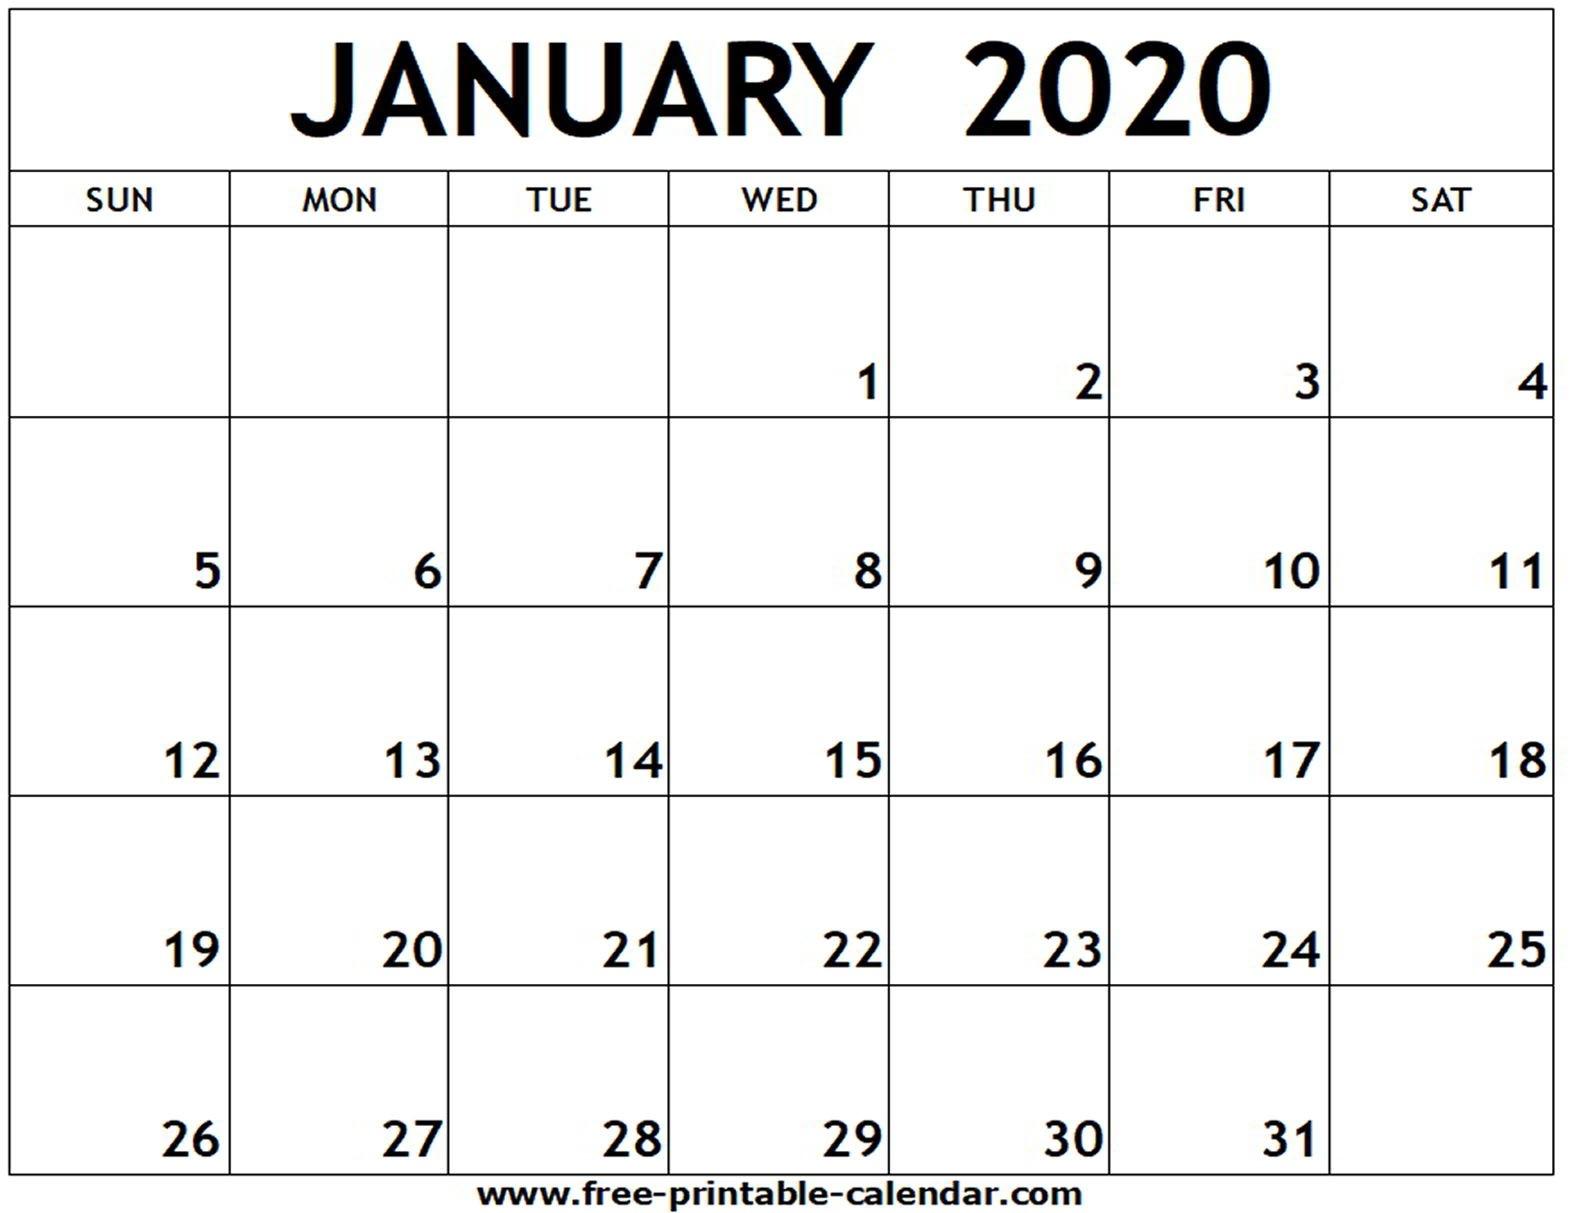 January 2020 Printable Calendar - Free-Printable-Calendar  Calendar Template 2020 Printable Free